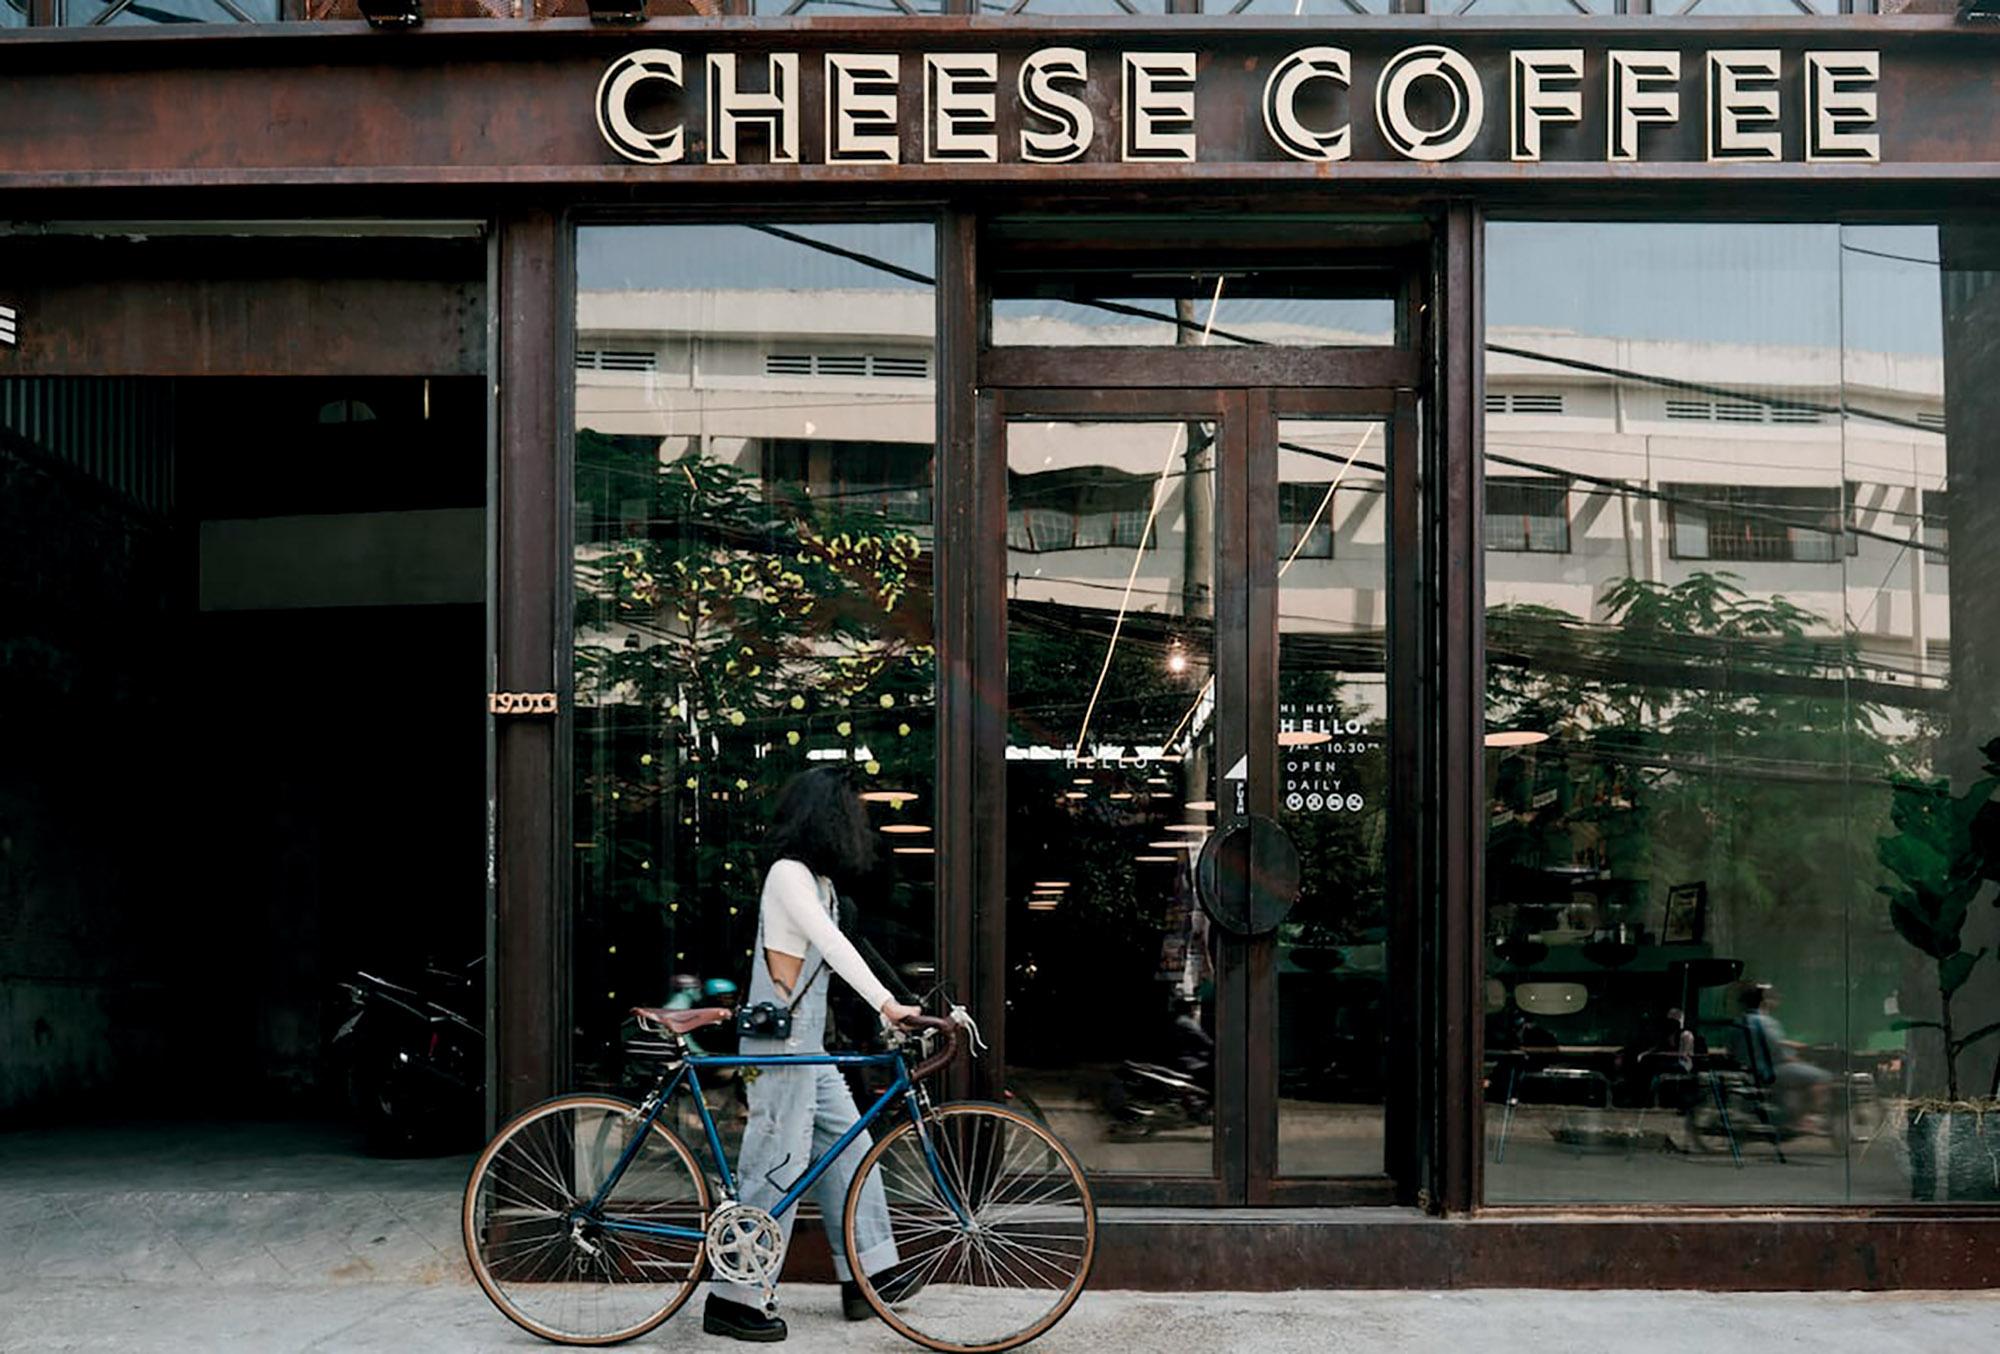 địa điểm cheese coffee